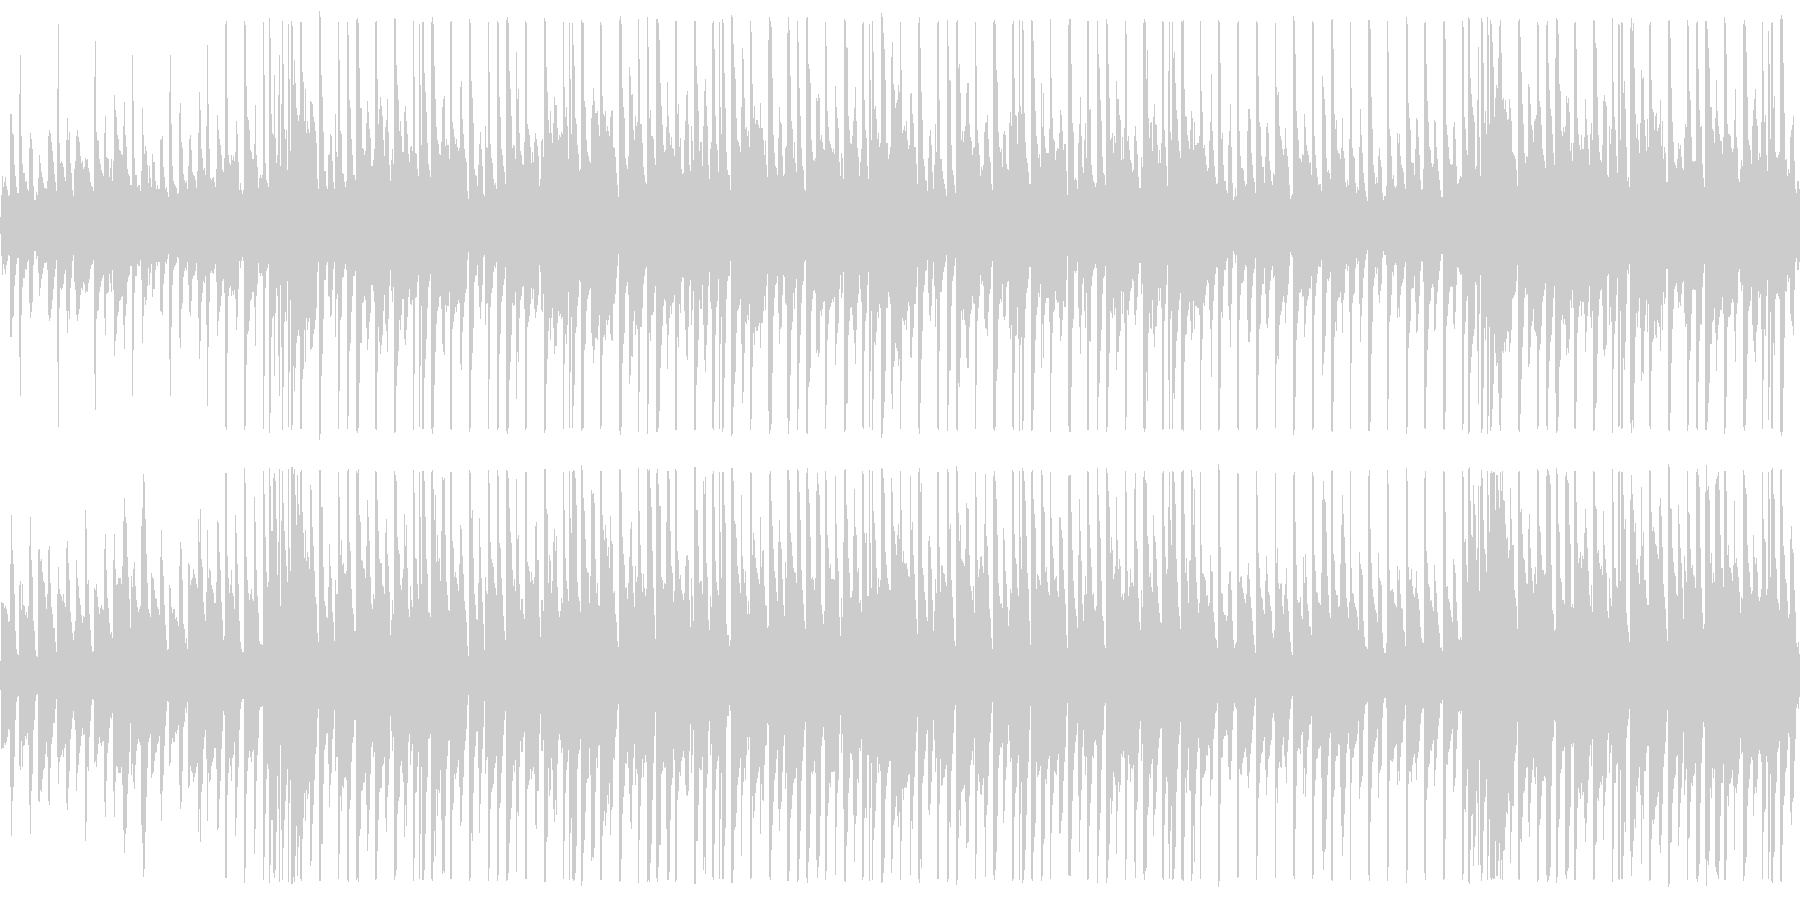 【メロ抜き】明るく爽やかなPR動画用BGの未再生の波形